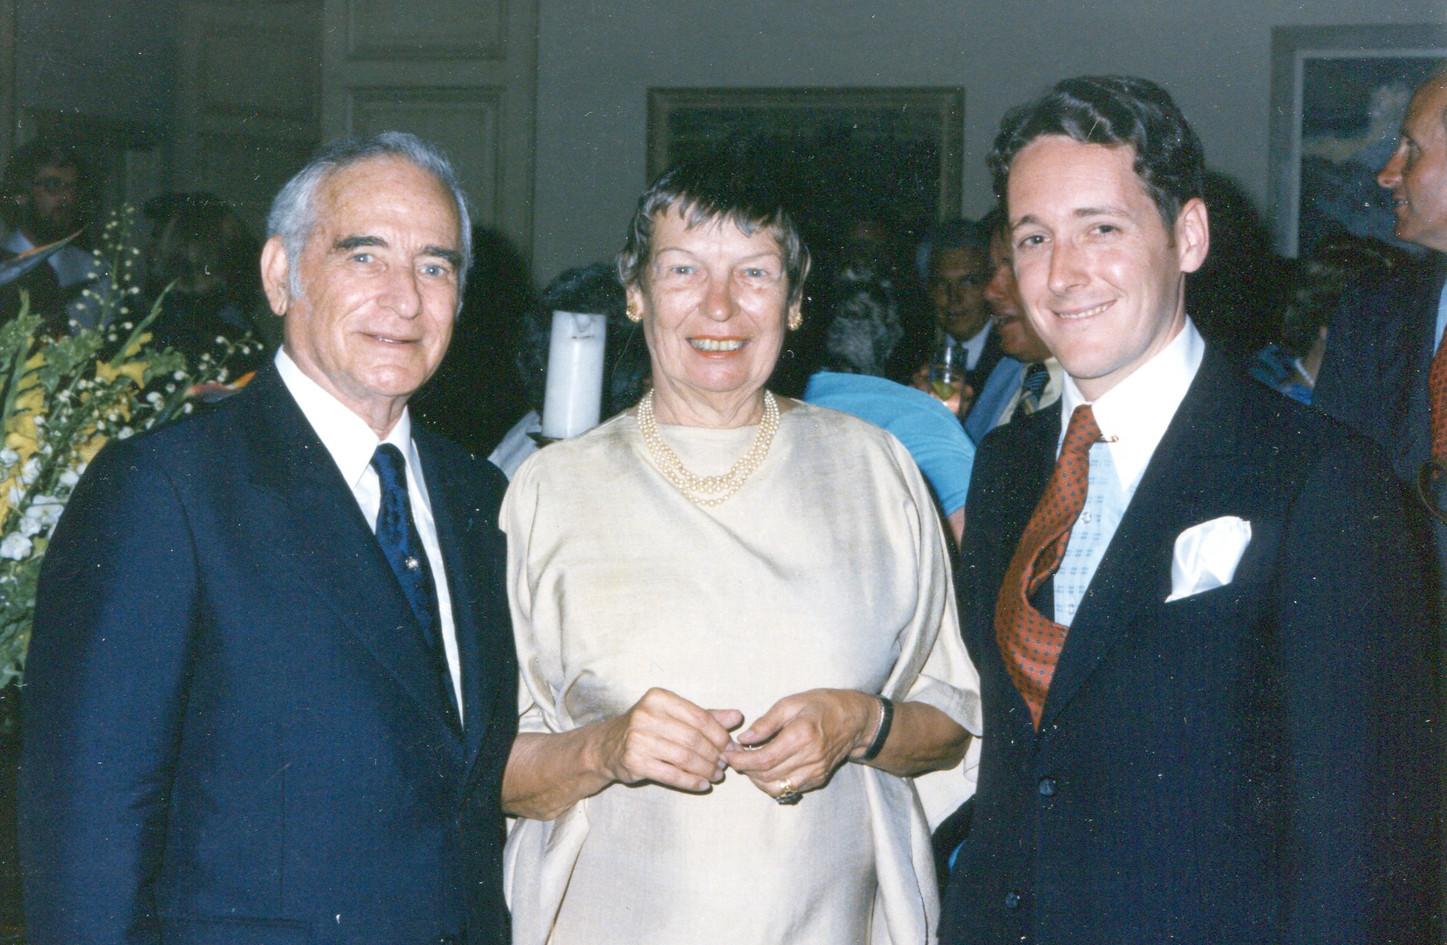 With Edward Heyman, Dana Suesse, 1979